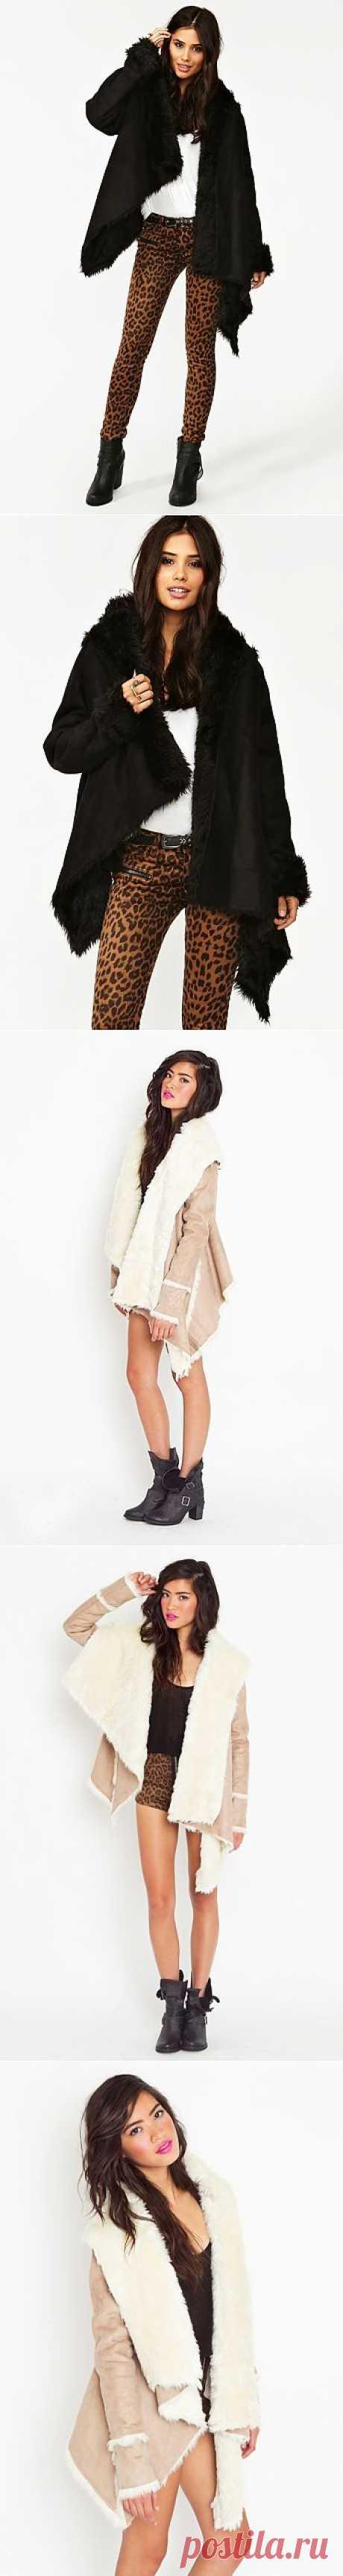 Дубленка: подвид простейшие / Простые выкройки / Модный сайт о стильной переделке одежды и интерьера